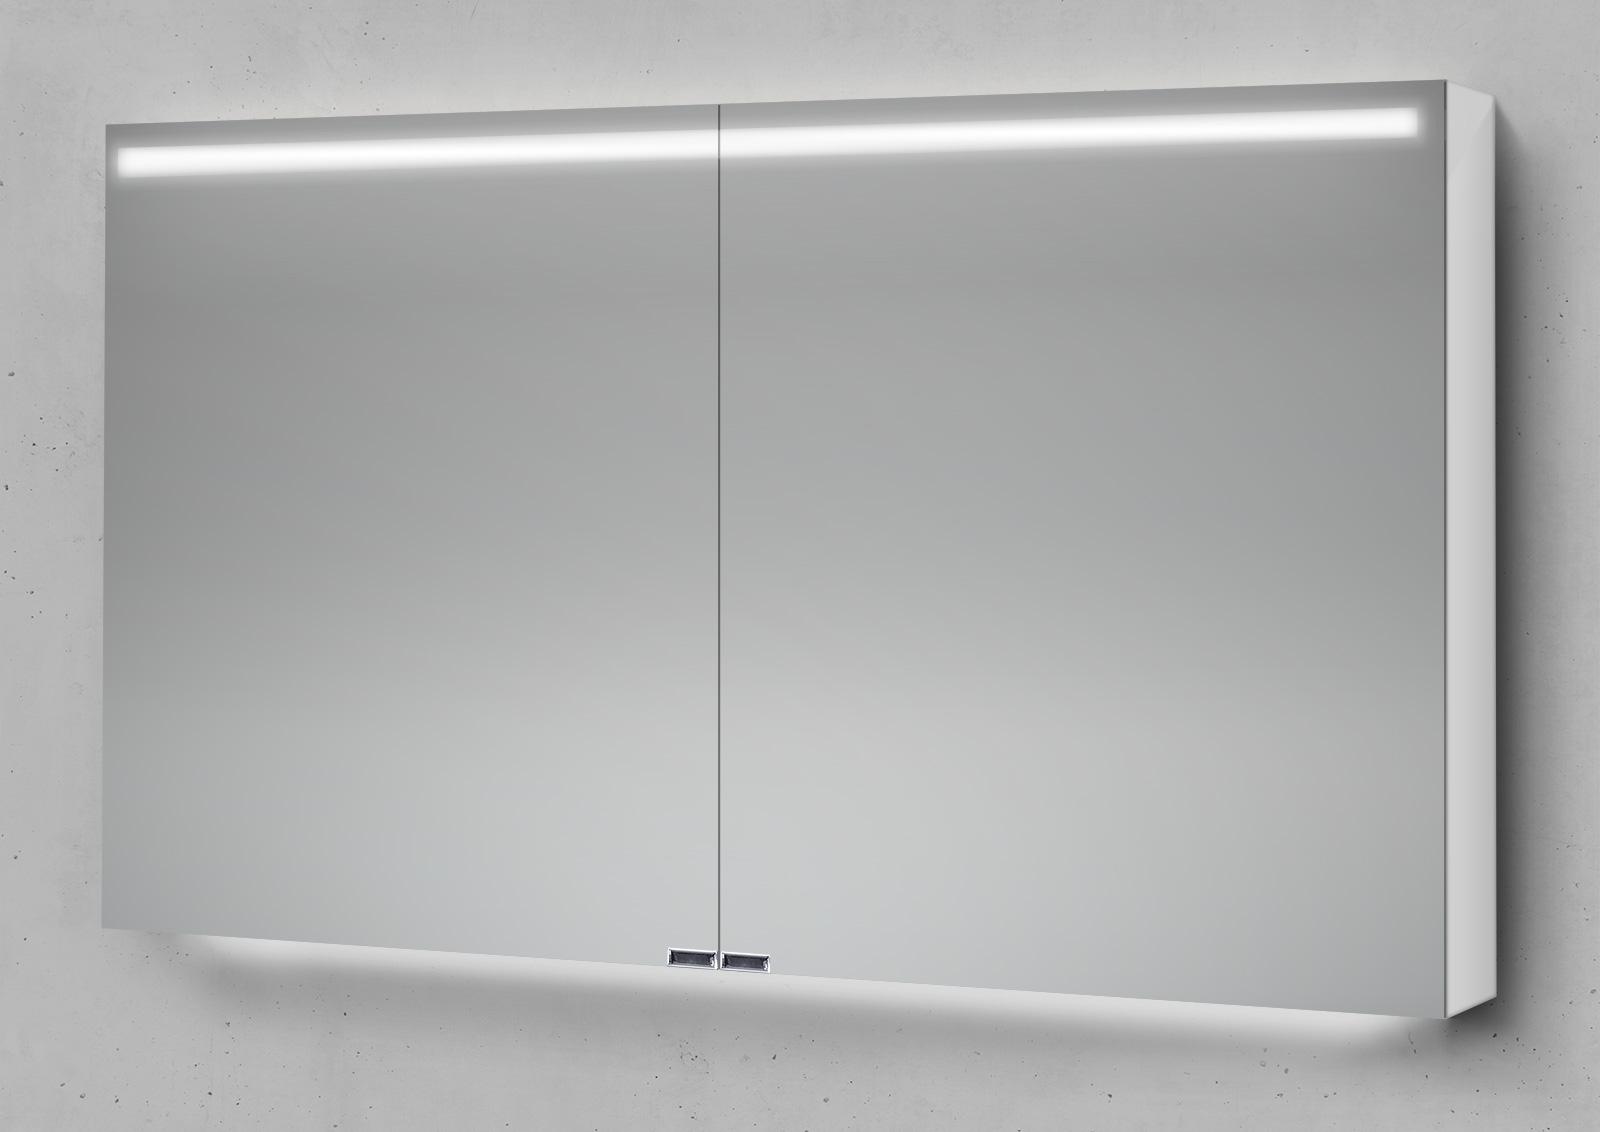 Badmöbel Set Cubo Grifflos 120 Cm Waschtisch Mit Unterschrank Und